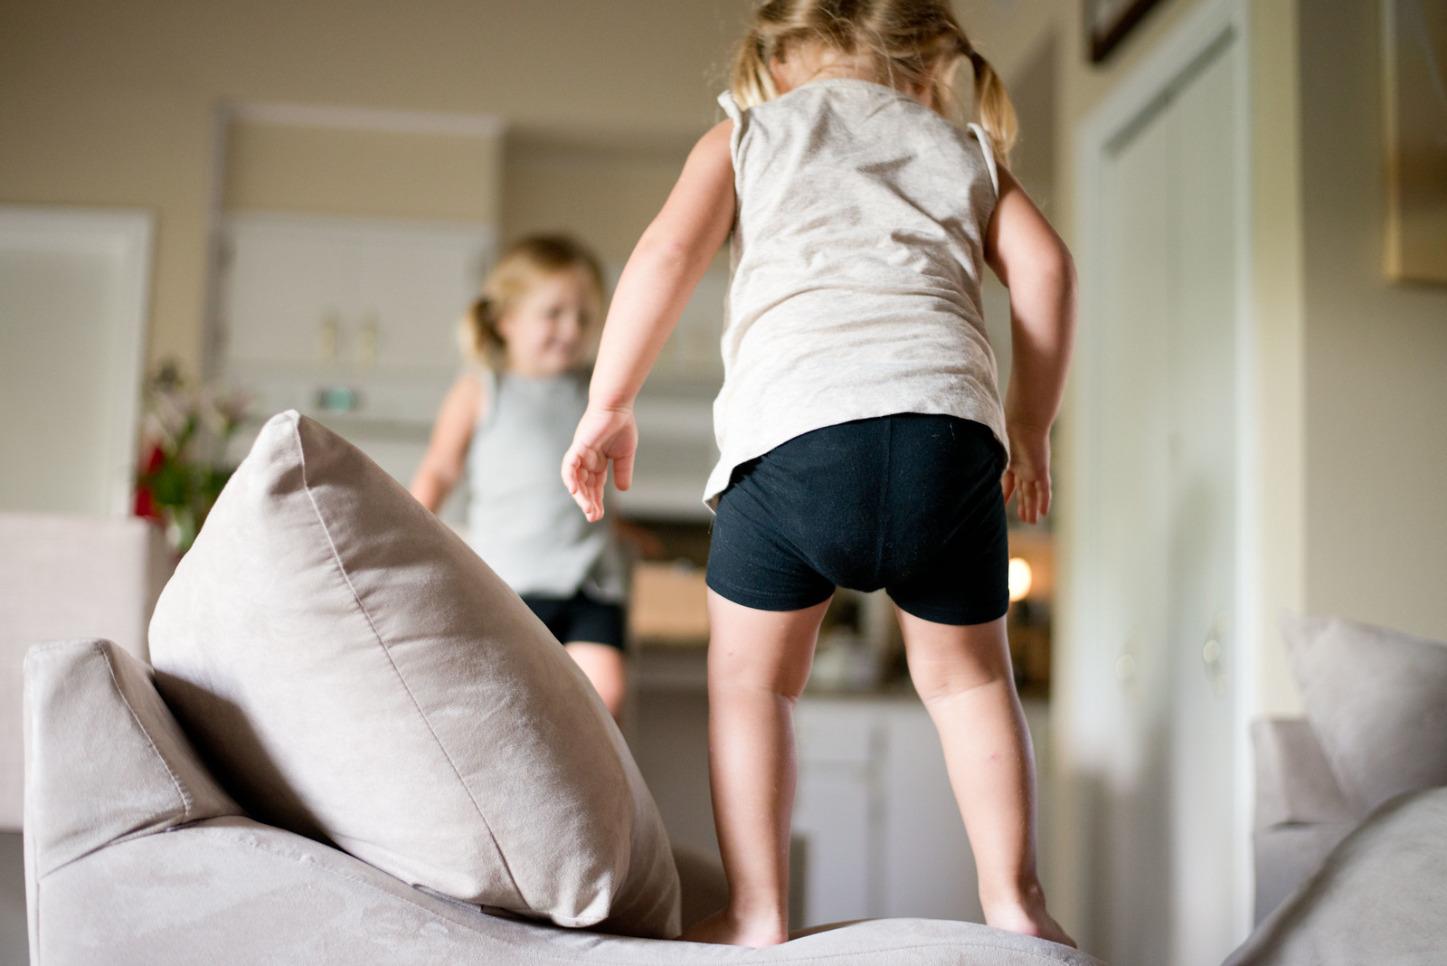 未來打算生小孩?8個你該注意的家居裝潢設計方向:整體概念